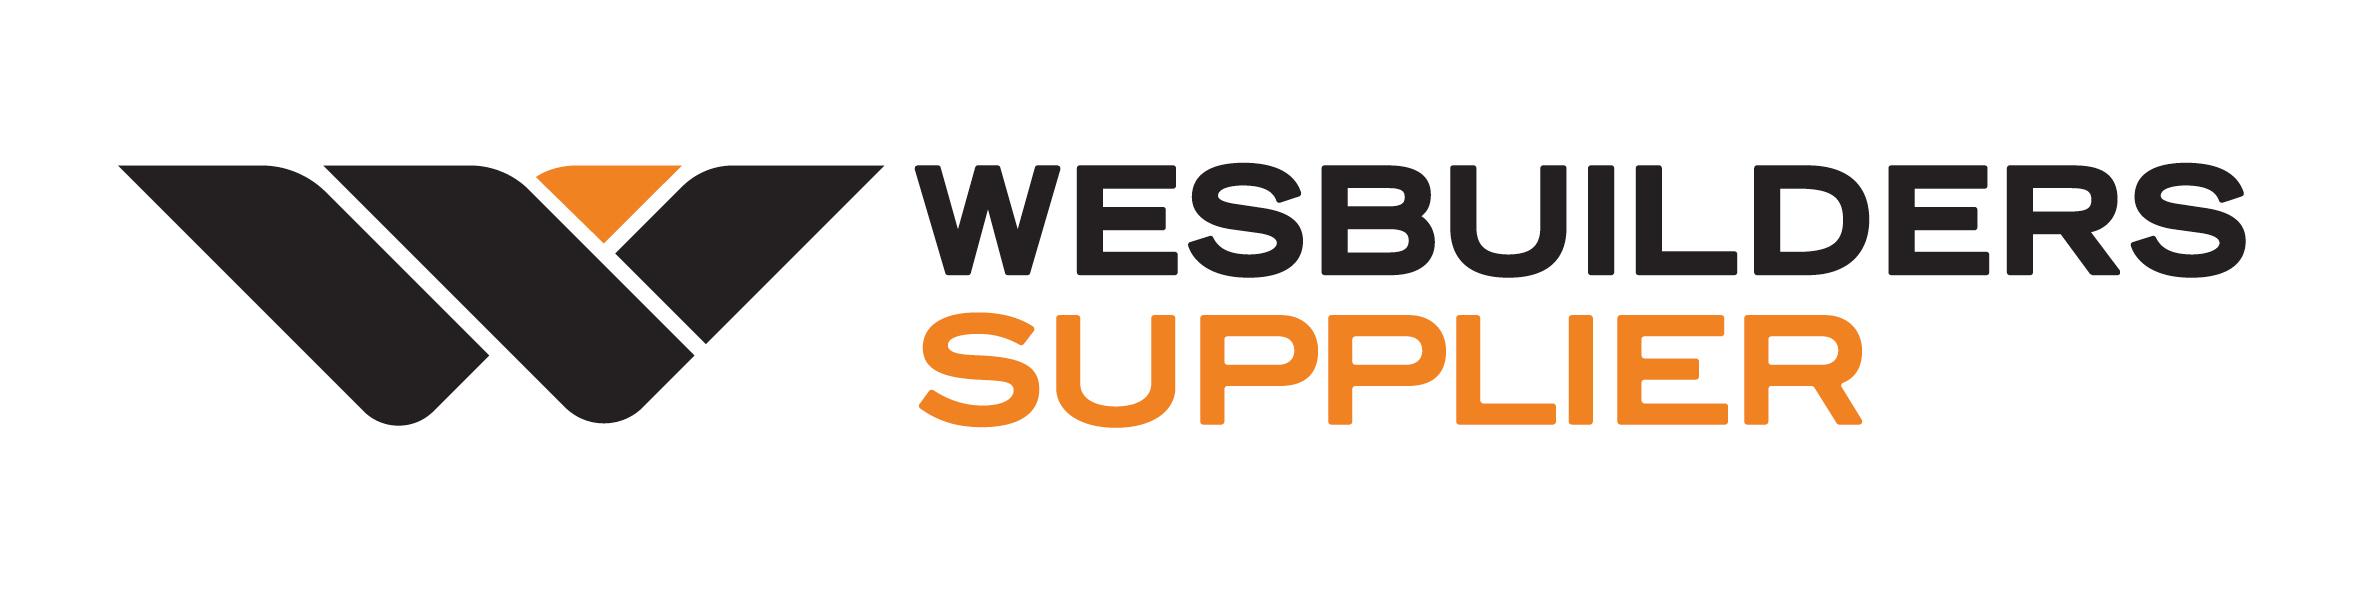 Wesbuilder_Supplier_White.jpg